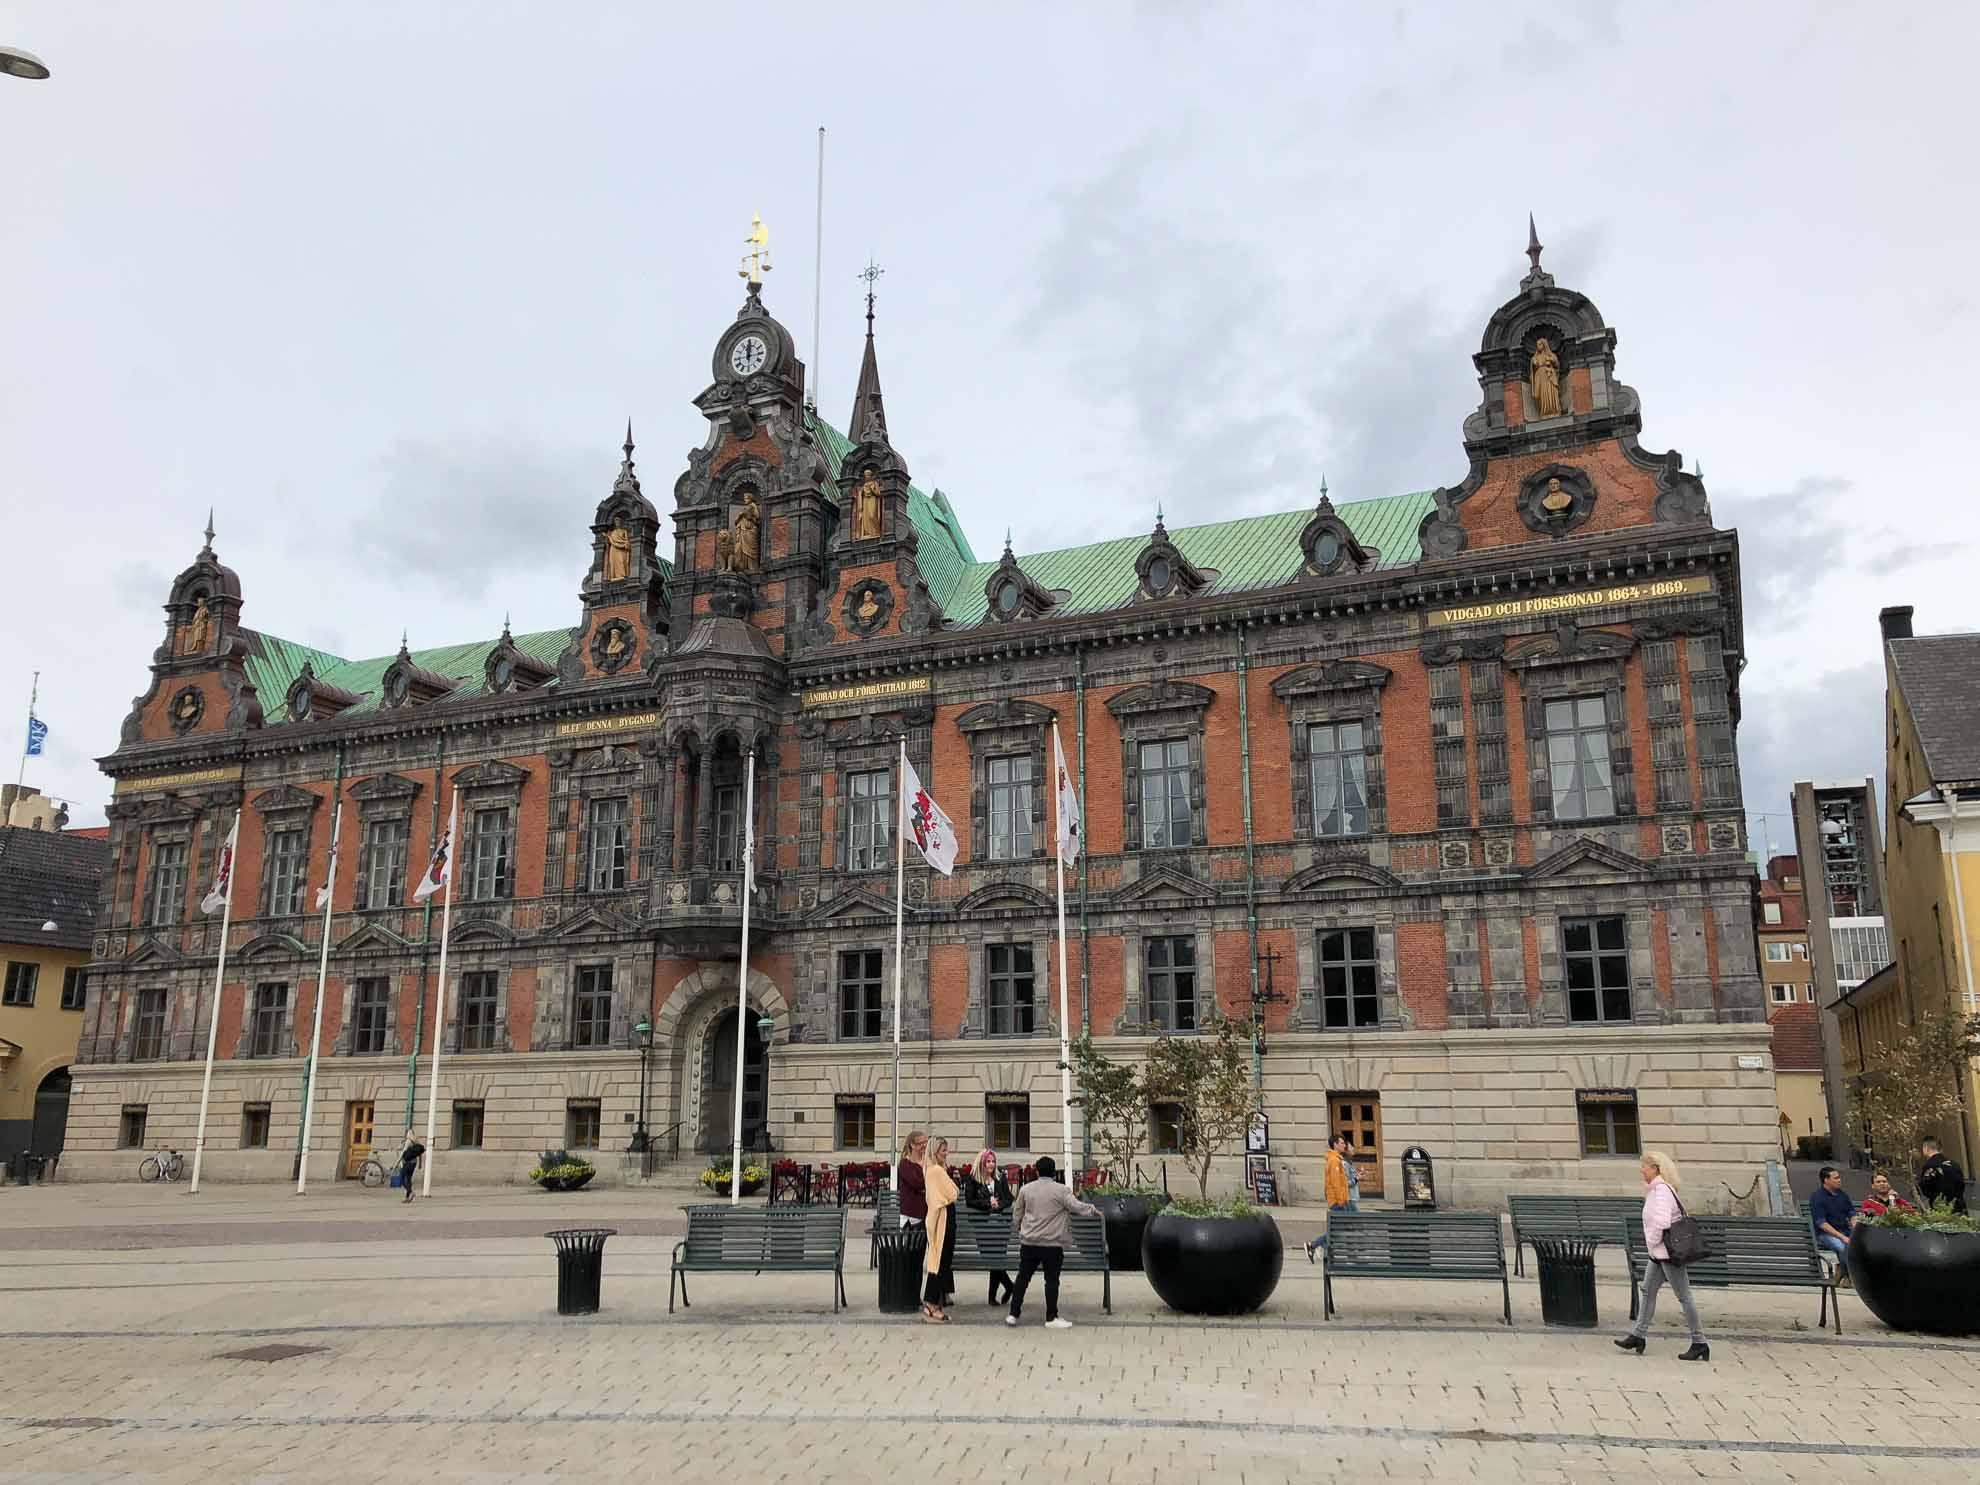 Vor dem Rathaus am alten Marktplatz der Stadt.